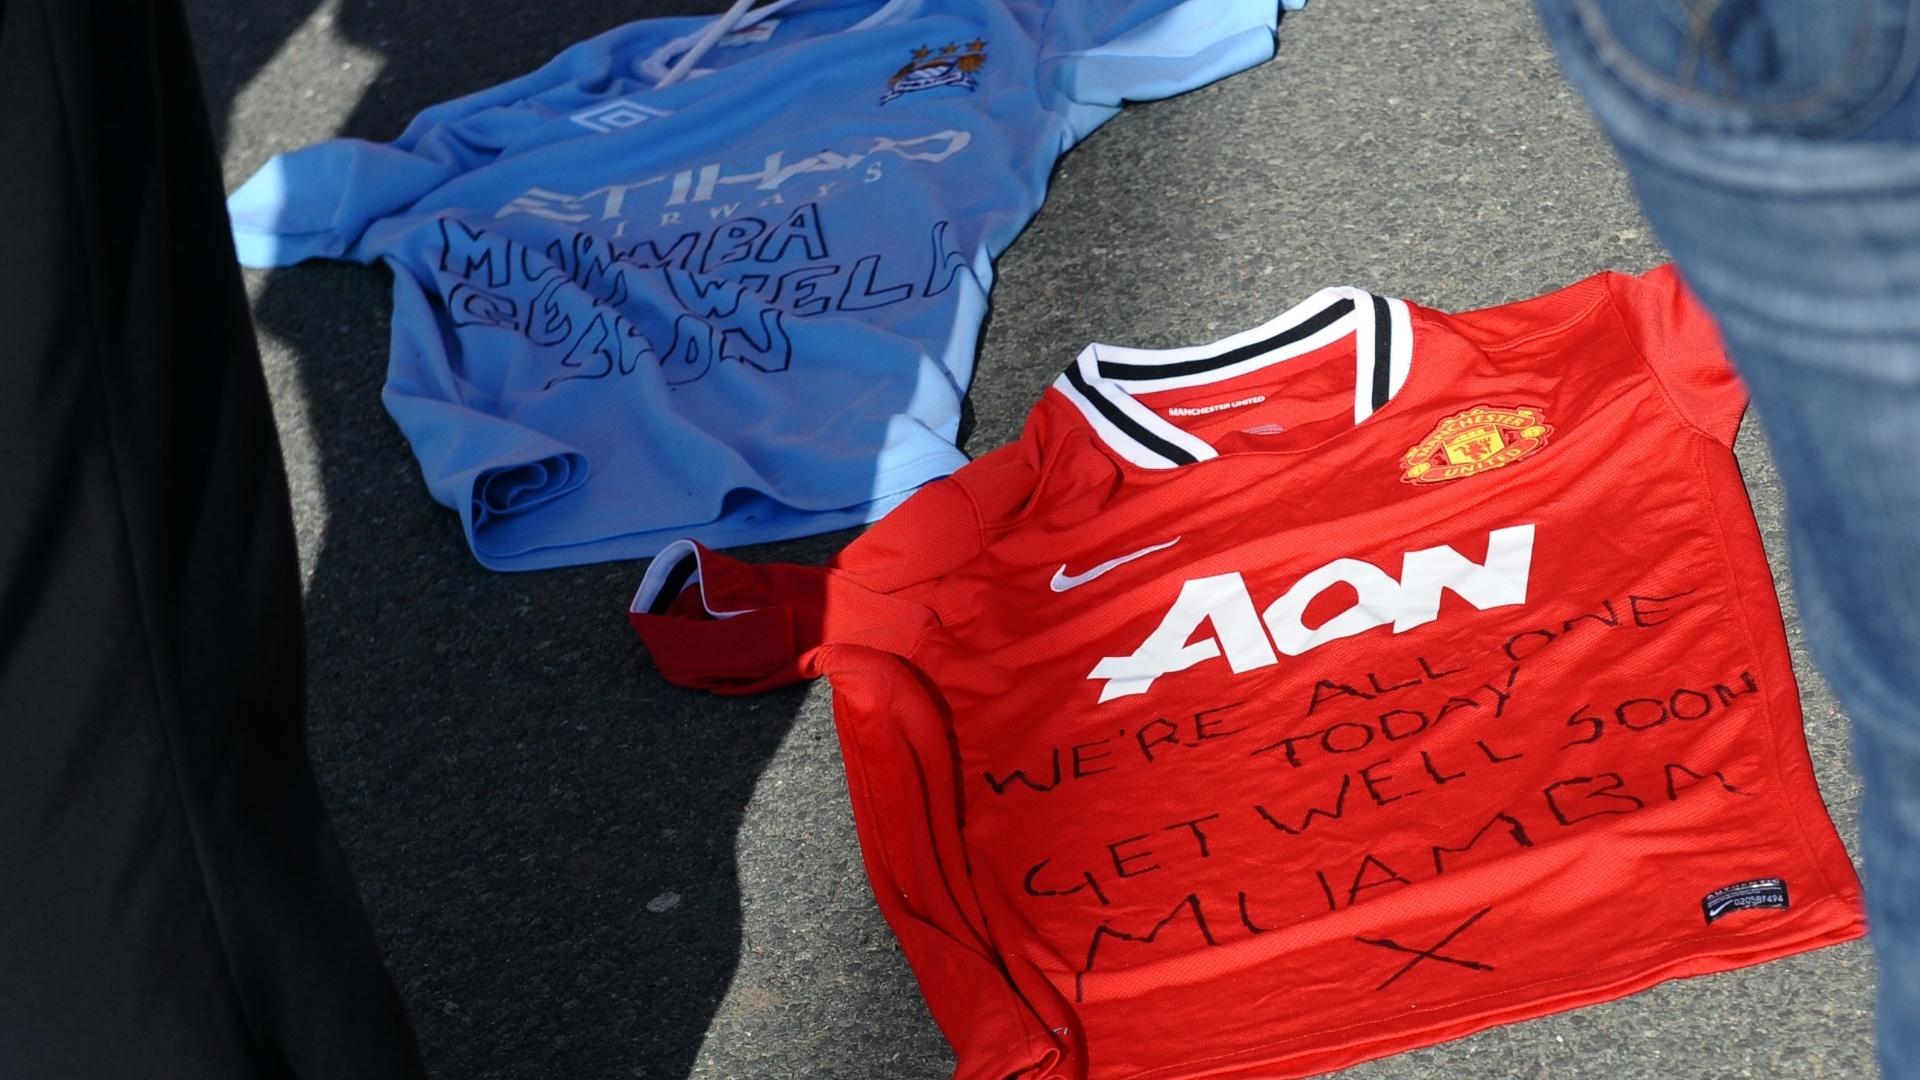 Torcedores levaram camisas dos rivais Manchester United e City com mensagens de apoio para Muamba